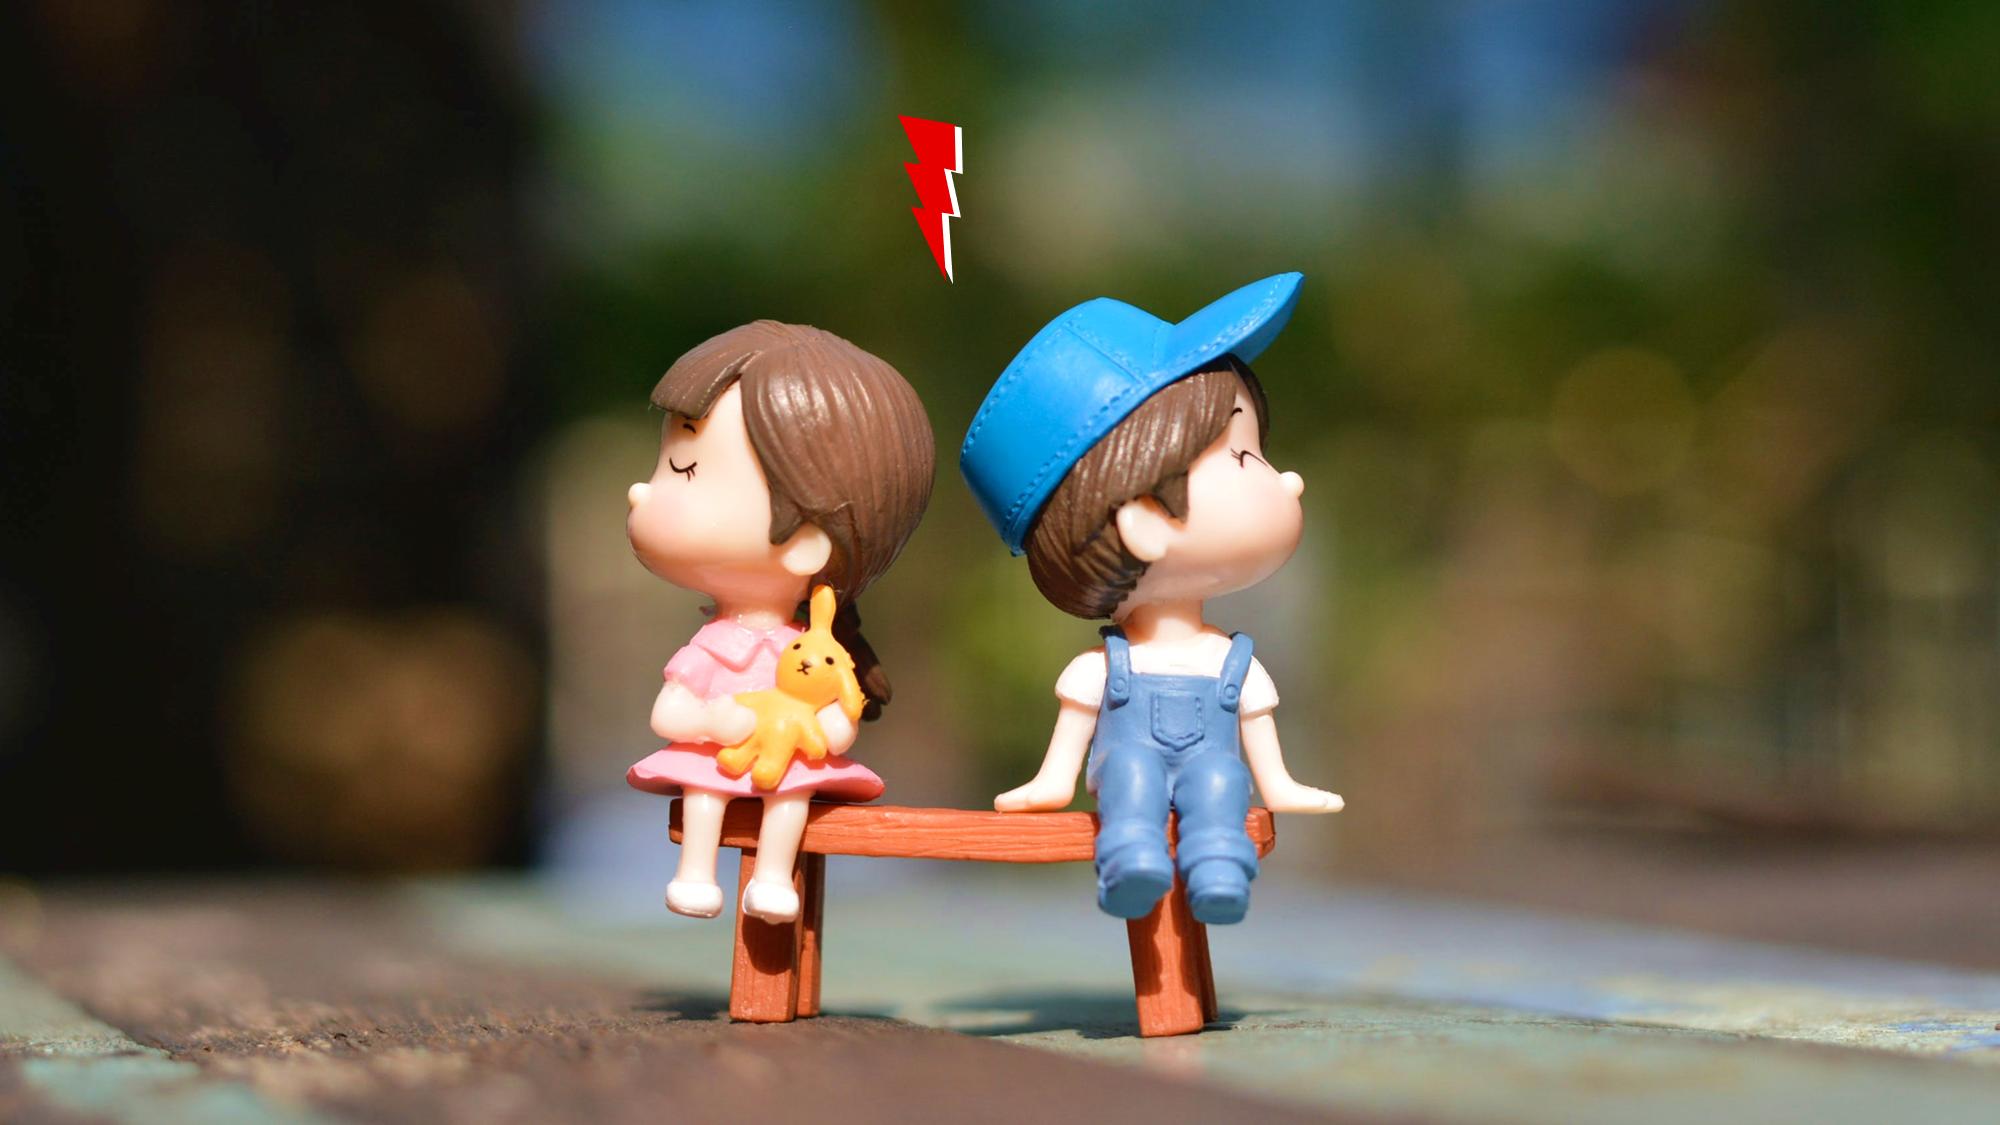 Vertrouwelijk medewerkersonderzoek versus Hoe gaat het?